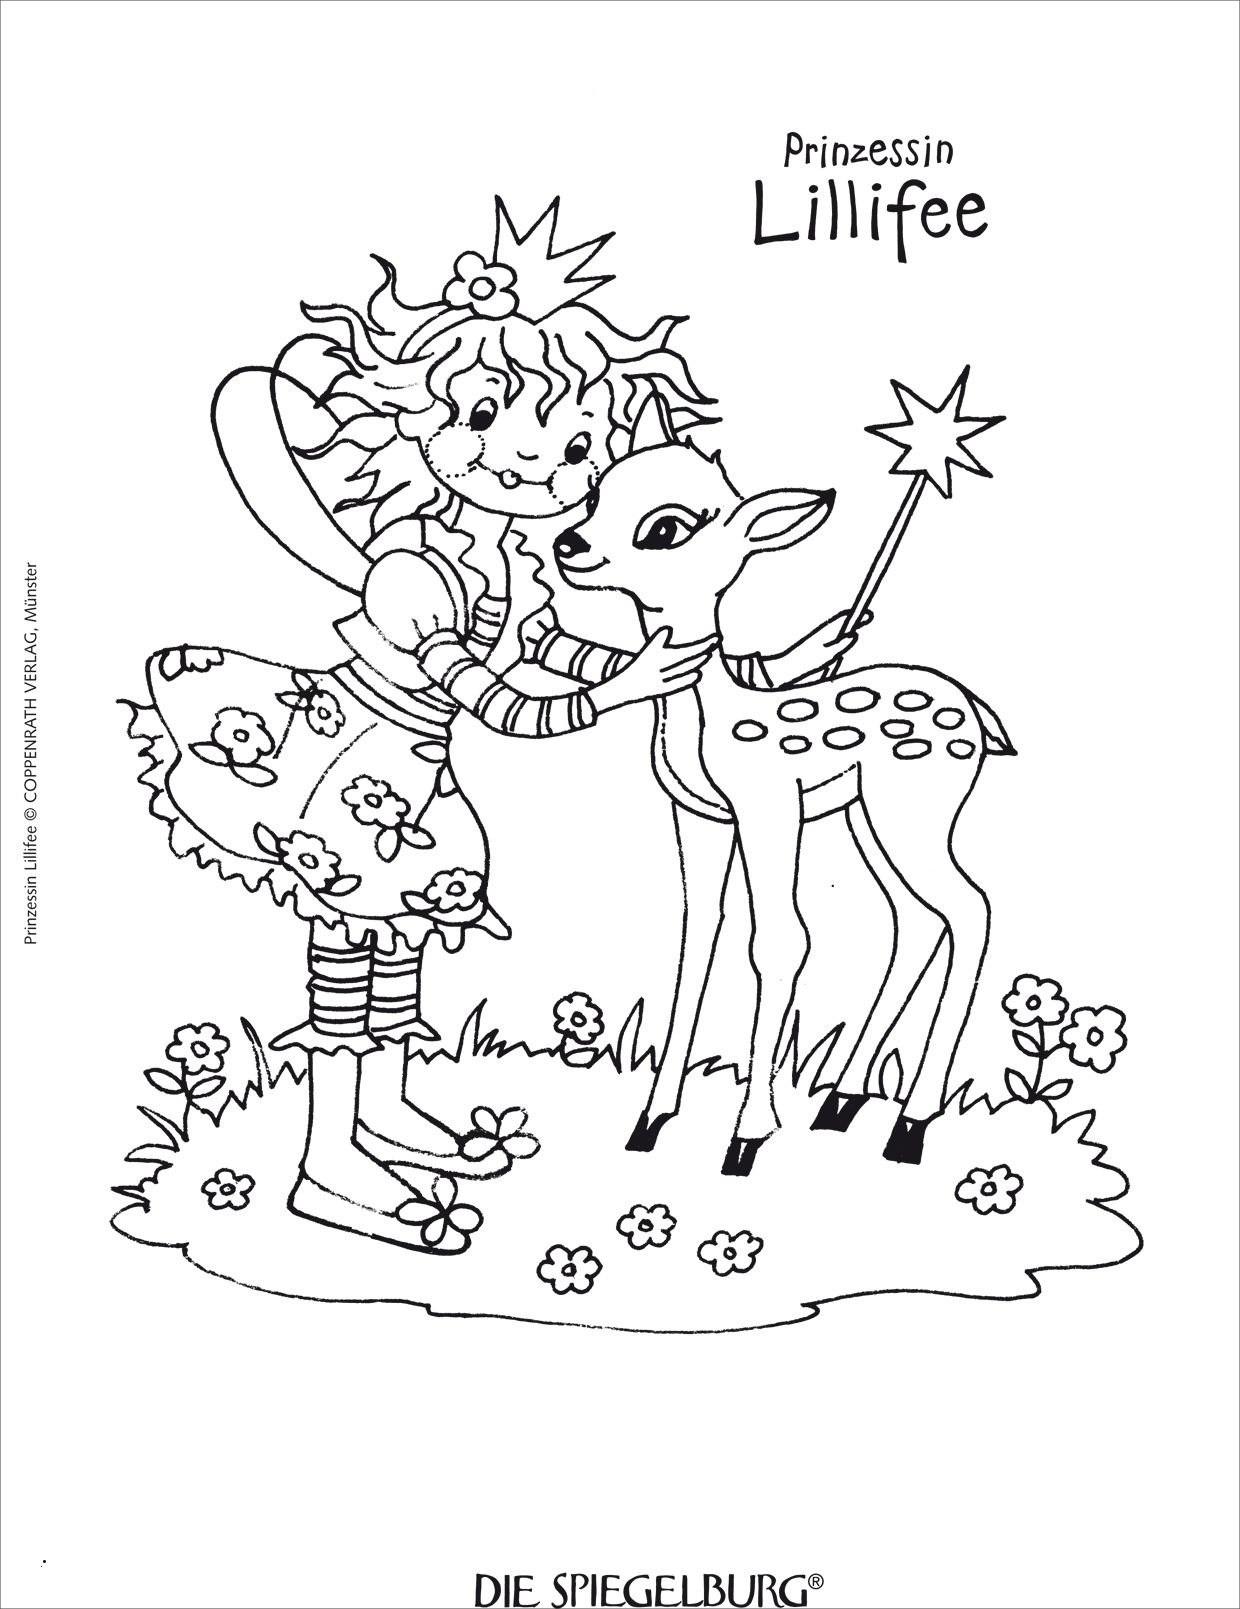 Window Color Einhorn Genial 52 Das Konzept Von Ausmalbilder Einhorn Lillifee Treehouse Nyc Sammlung